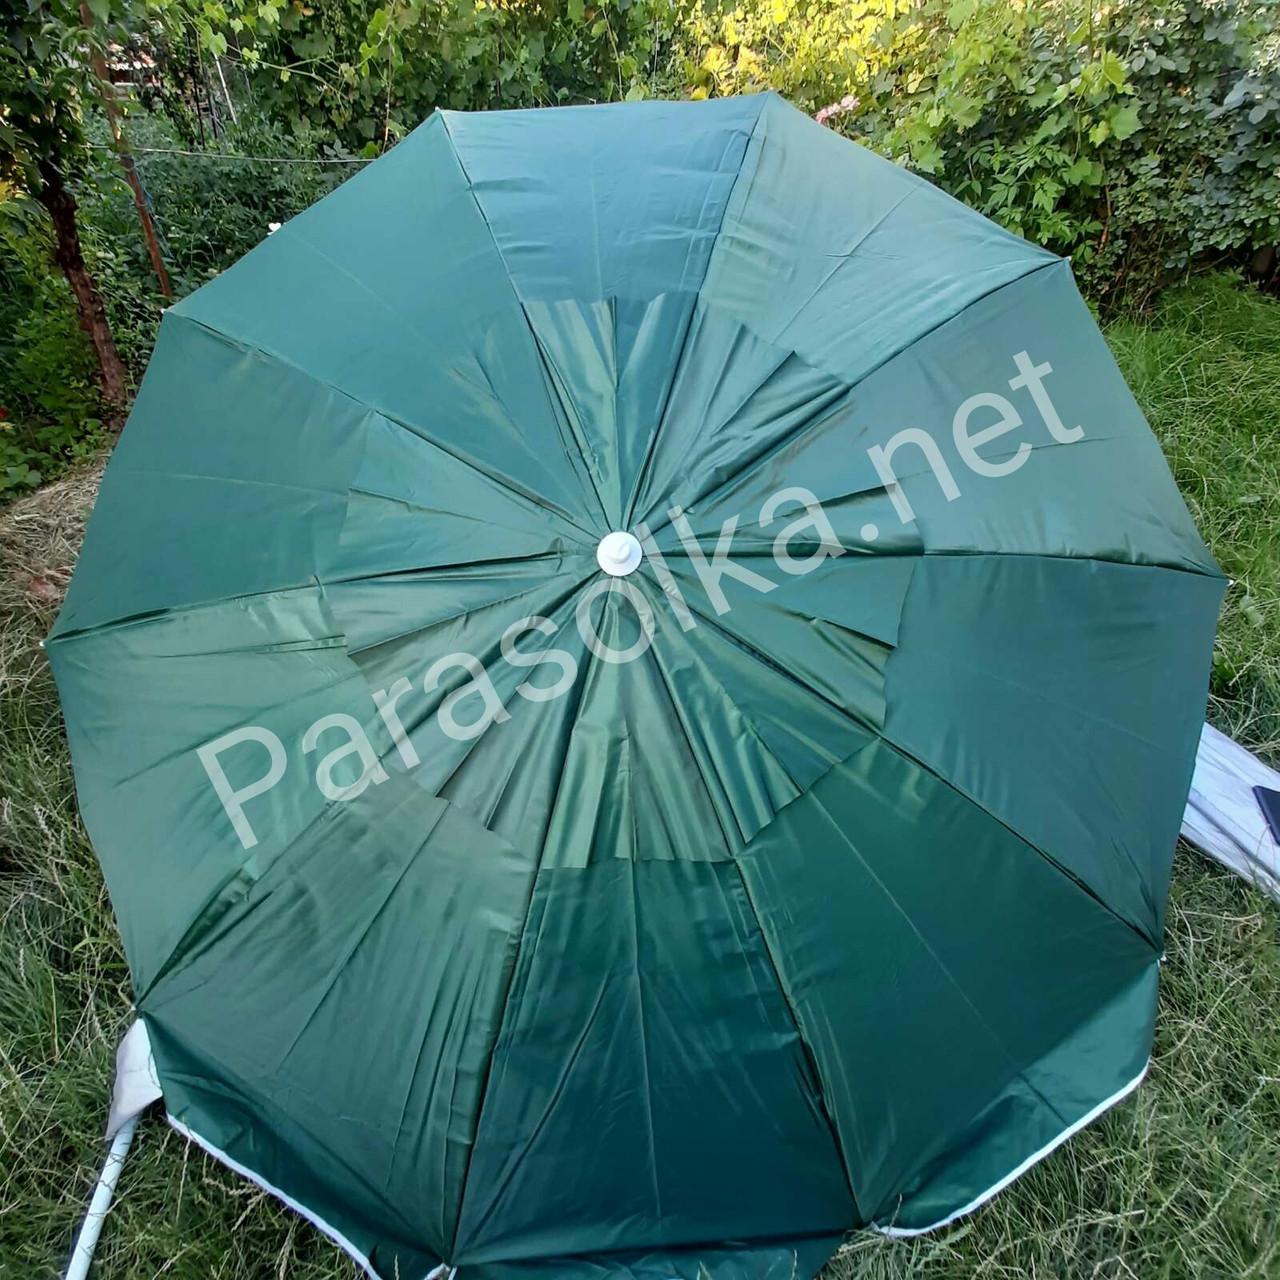 Пляжный зонт темно-зеленый 2,2метра усиленный с клапаном